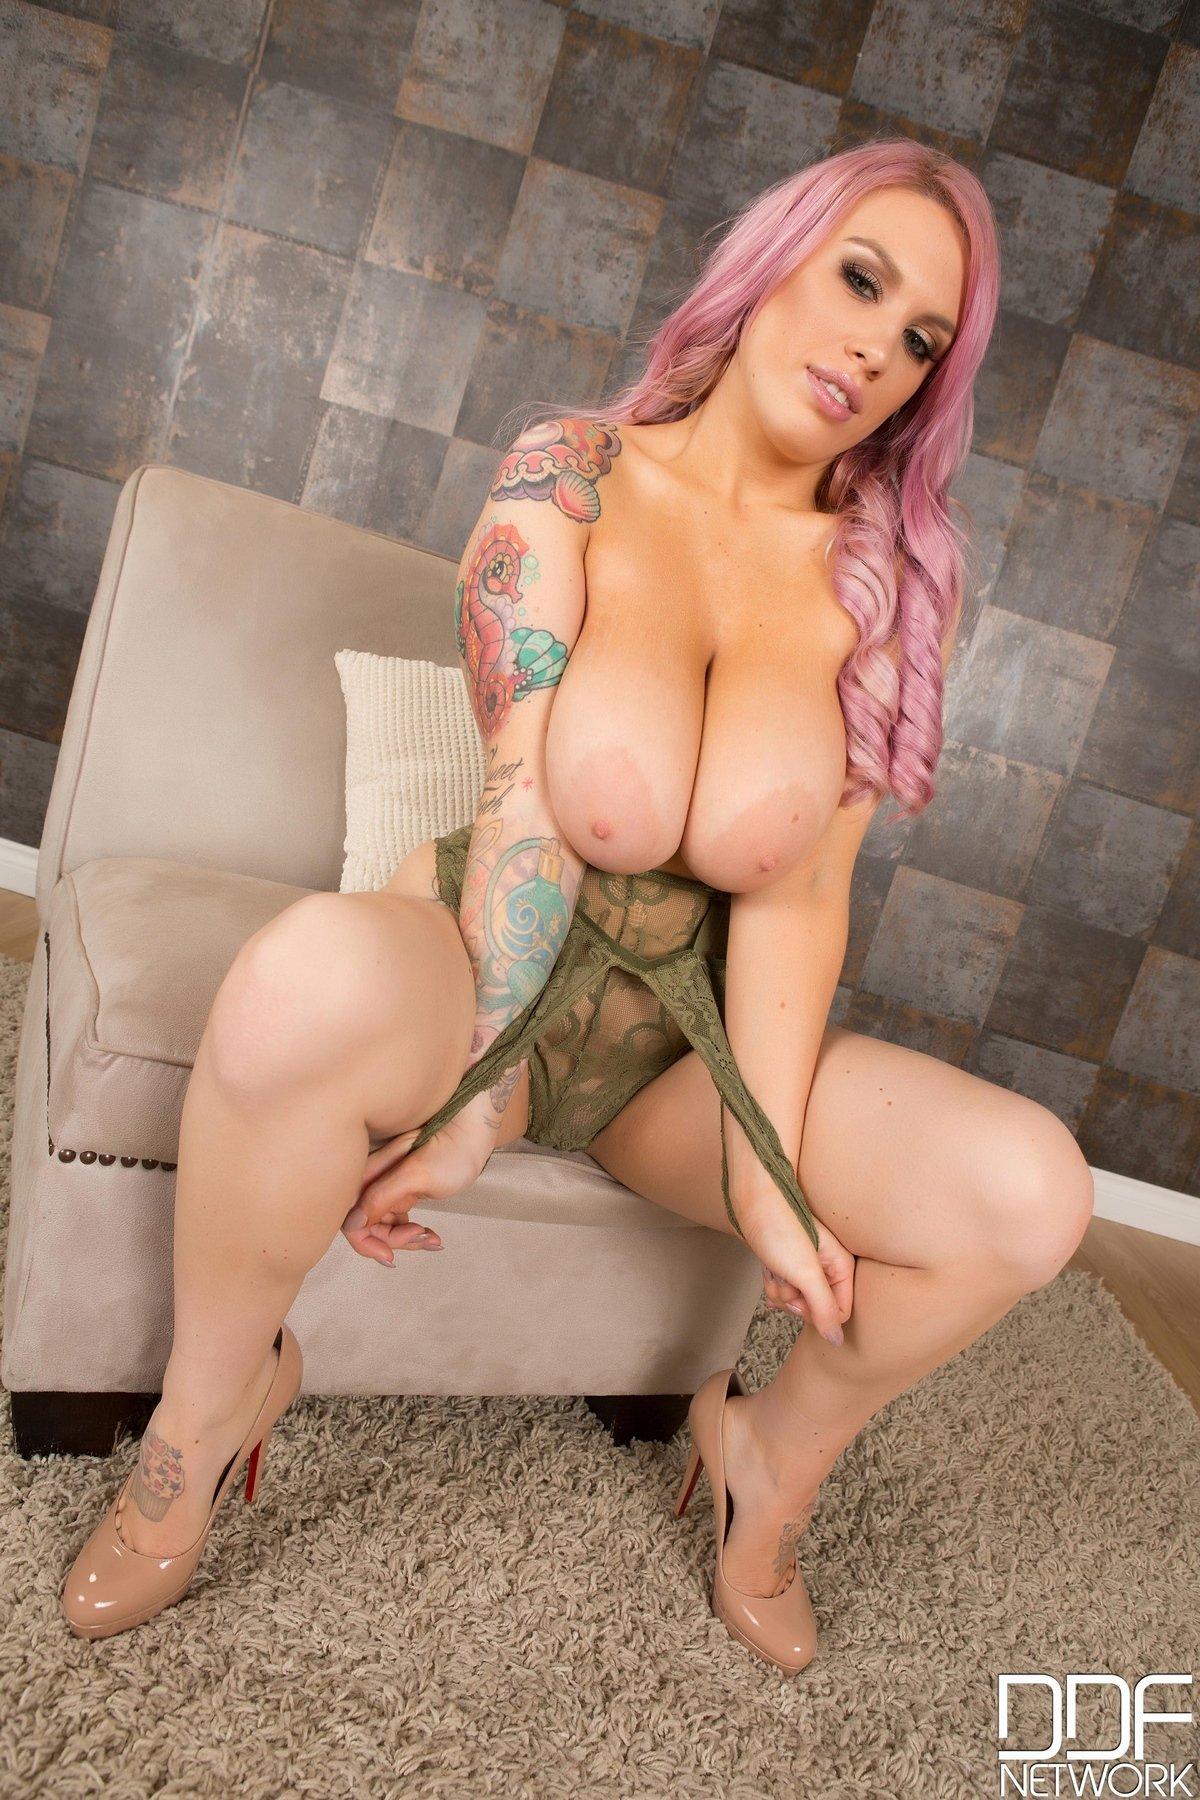 Фото женщины с розовыми волосами и большими сиськами